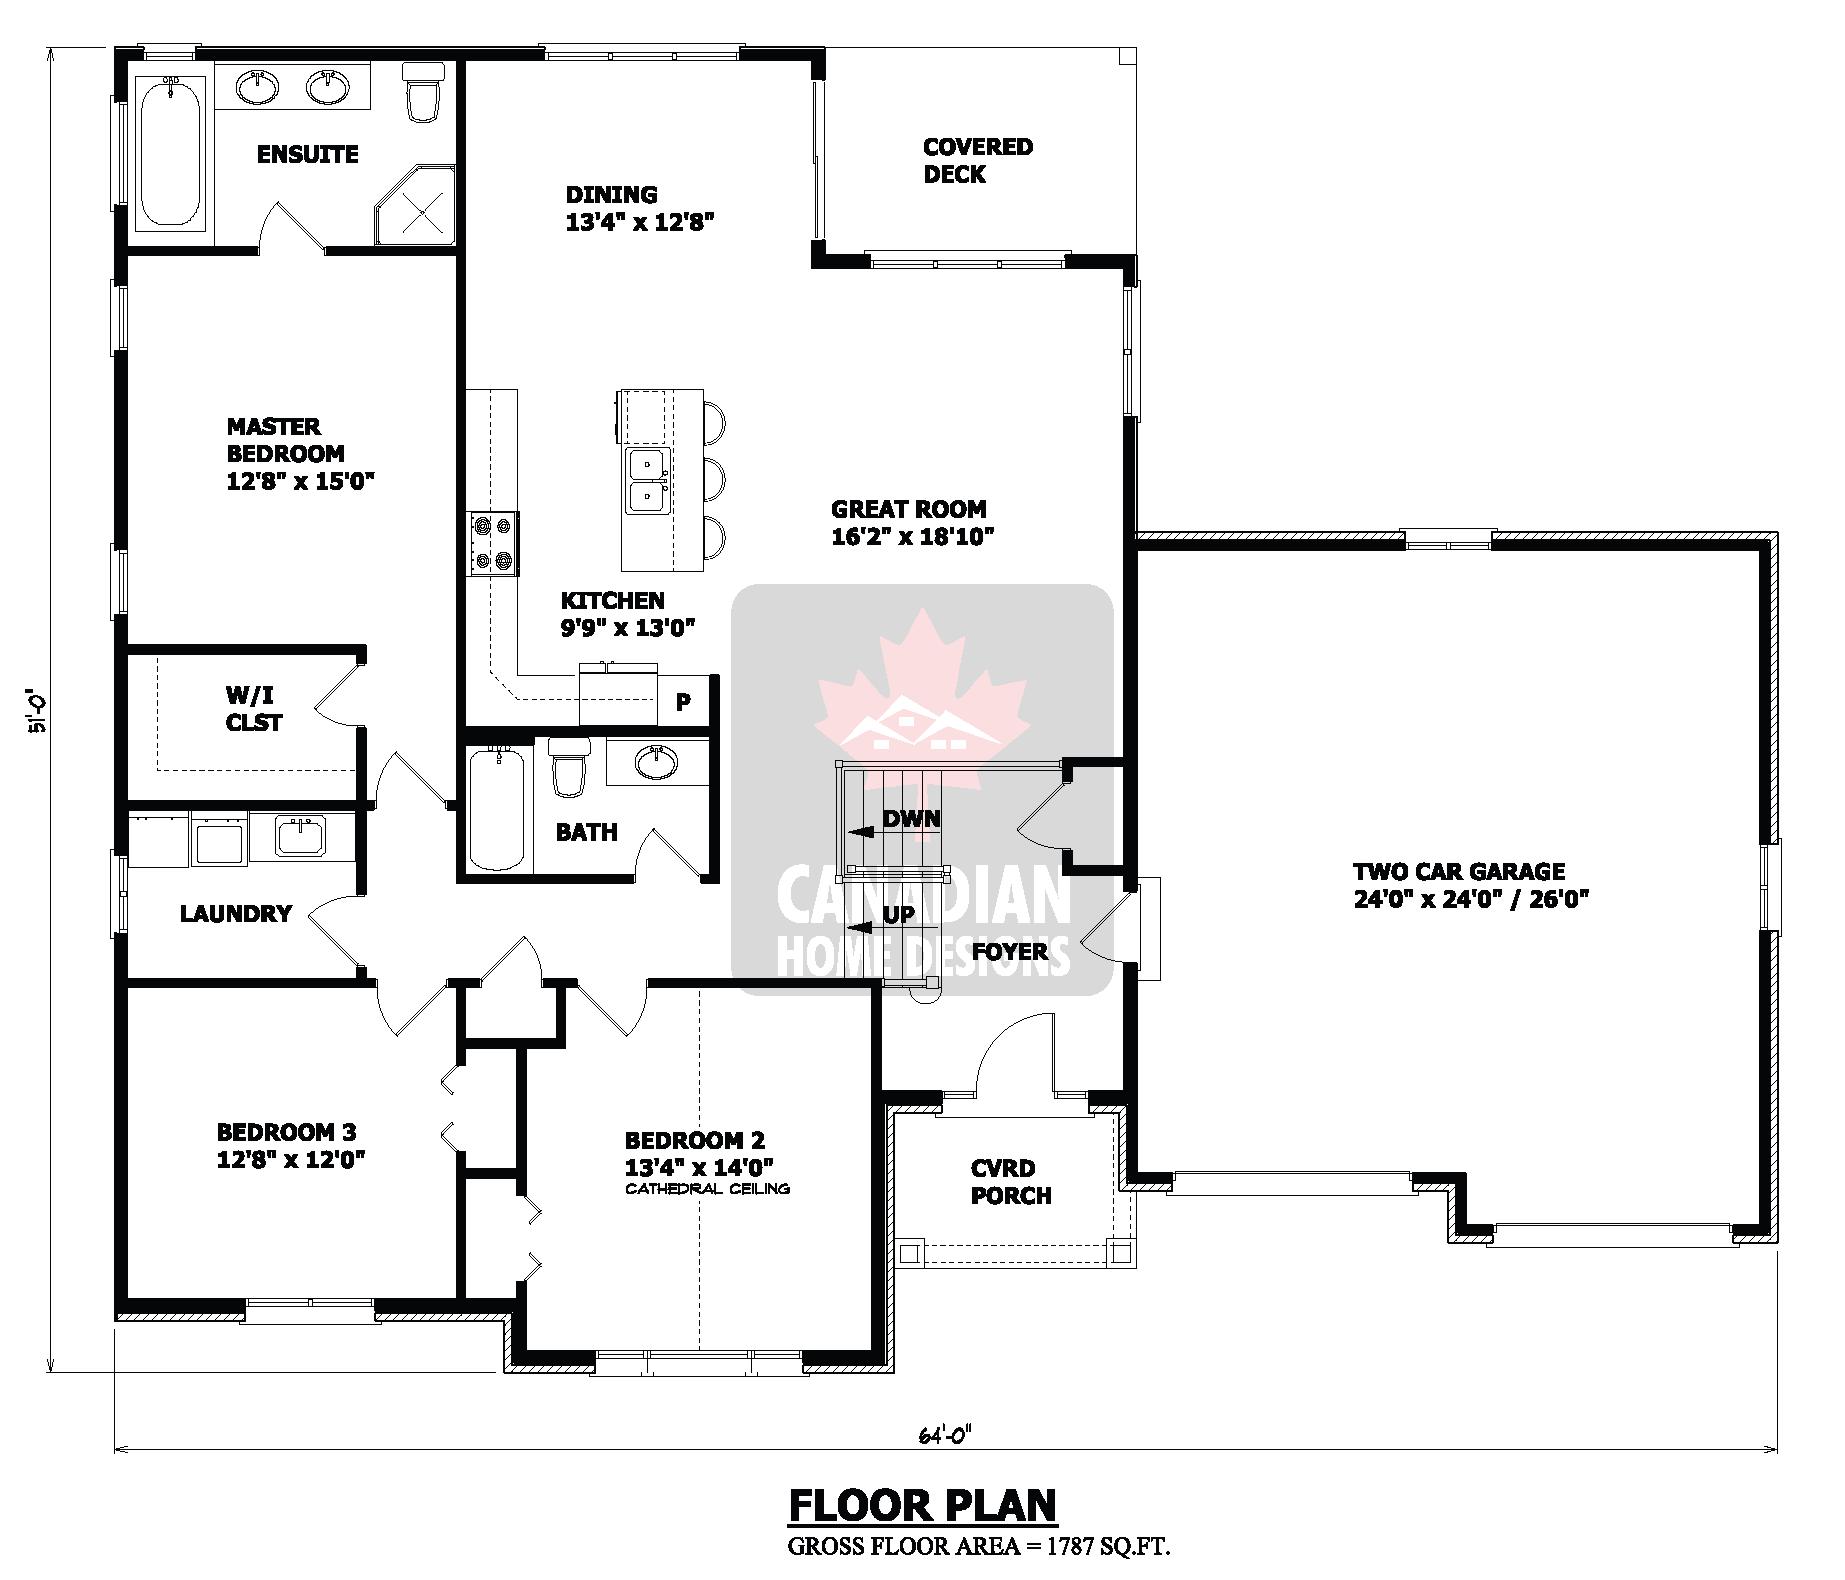 Stupendous Small House Floor Plans Hillside House Plans Small House Floor Largest Home Design Picture Inspirations Pitcheantrous